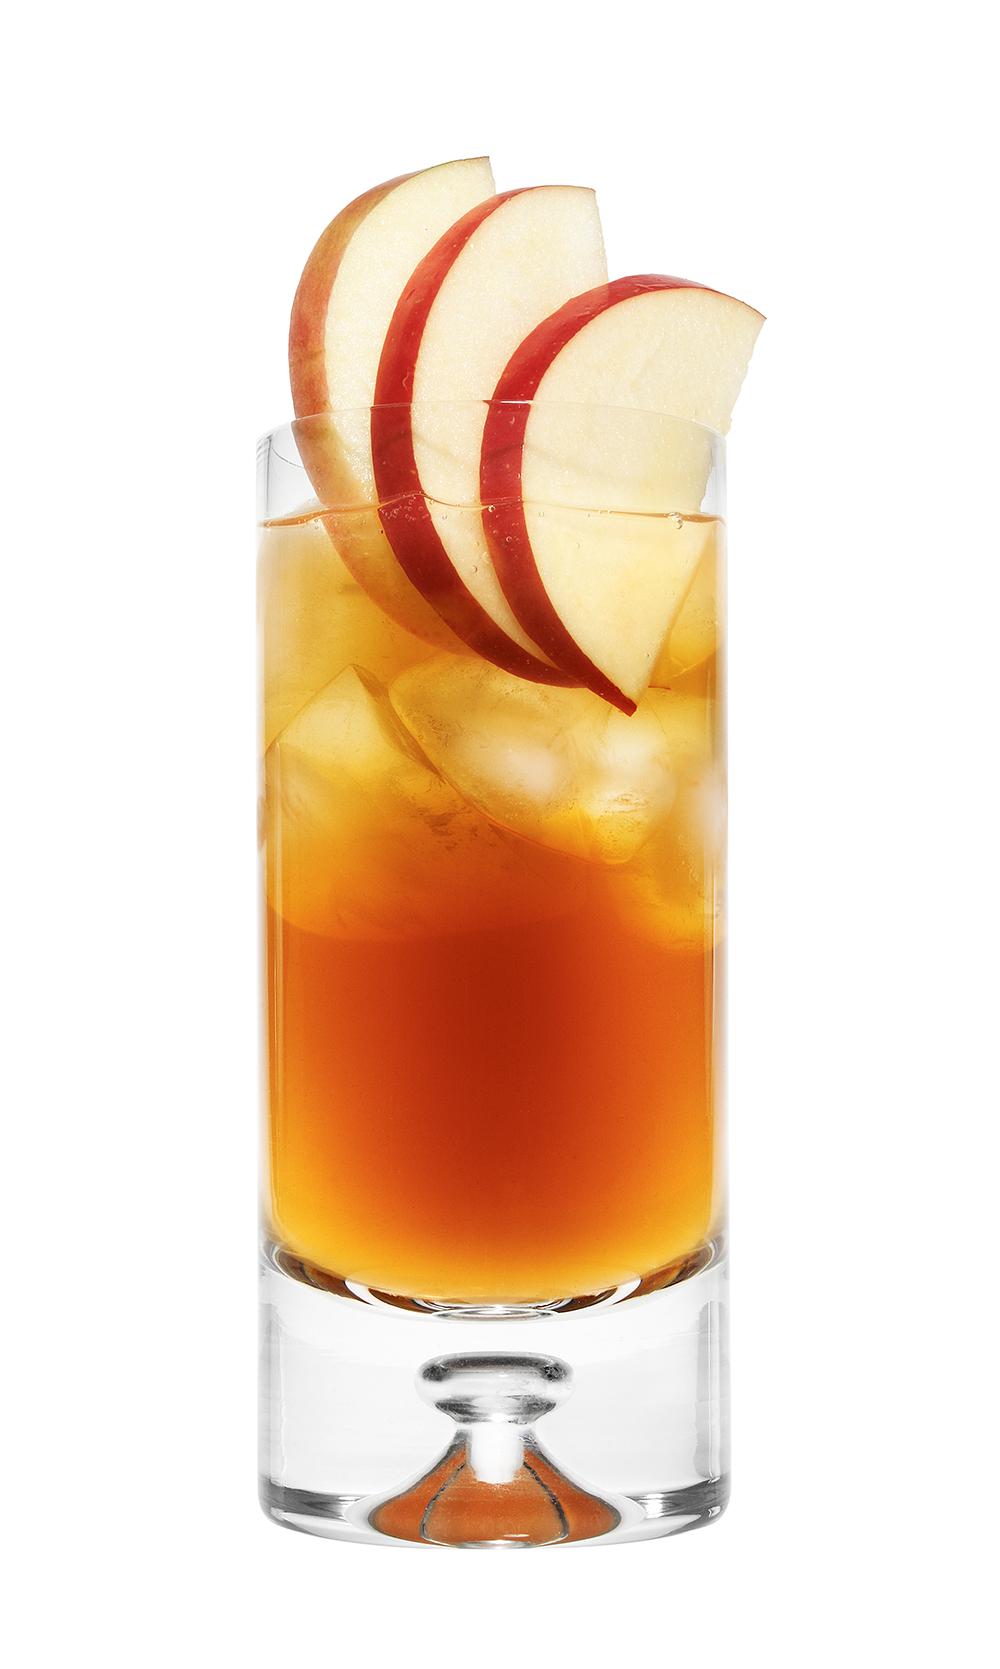 Striped Apple Cider